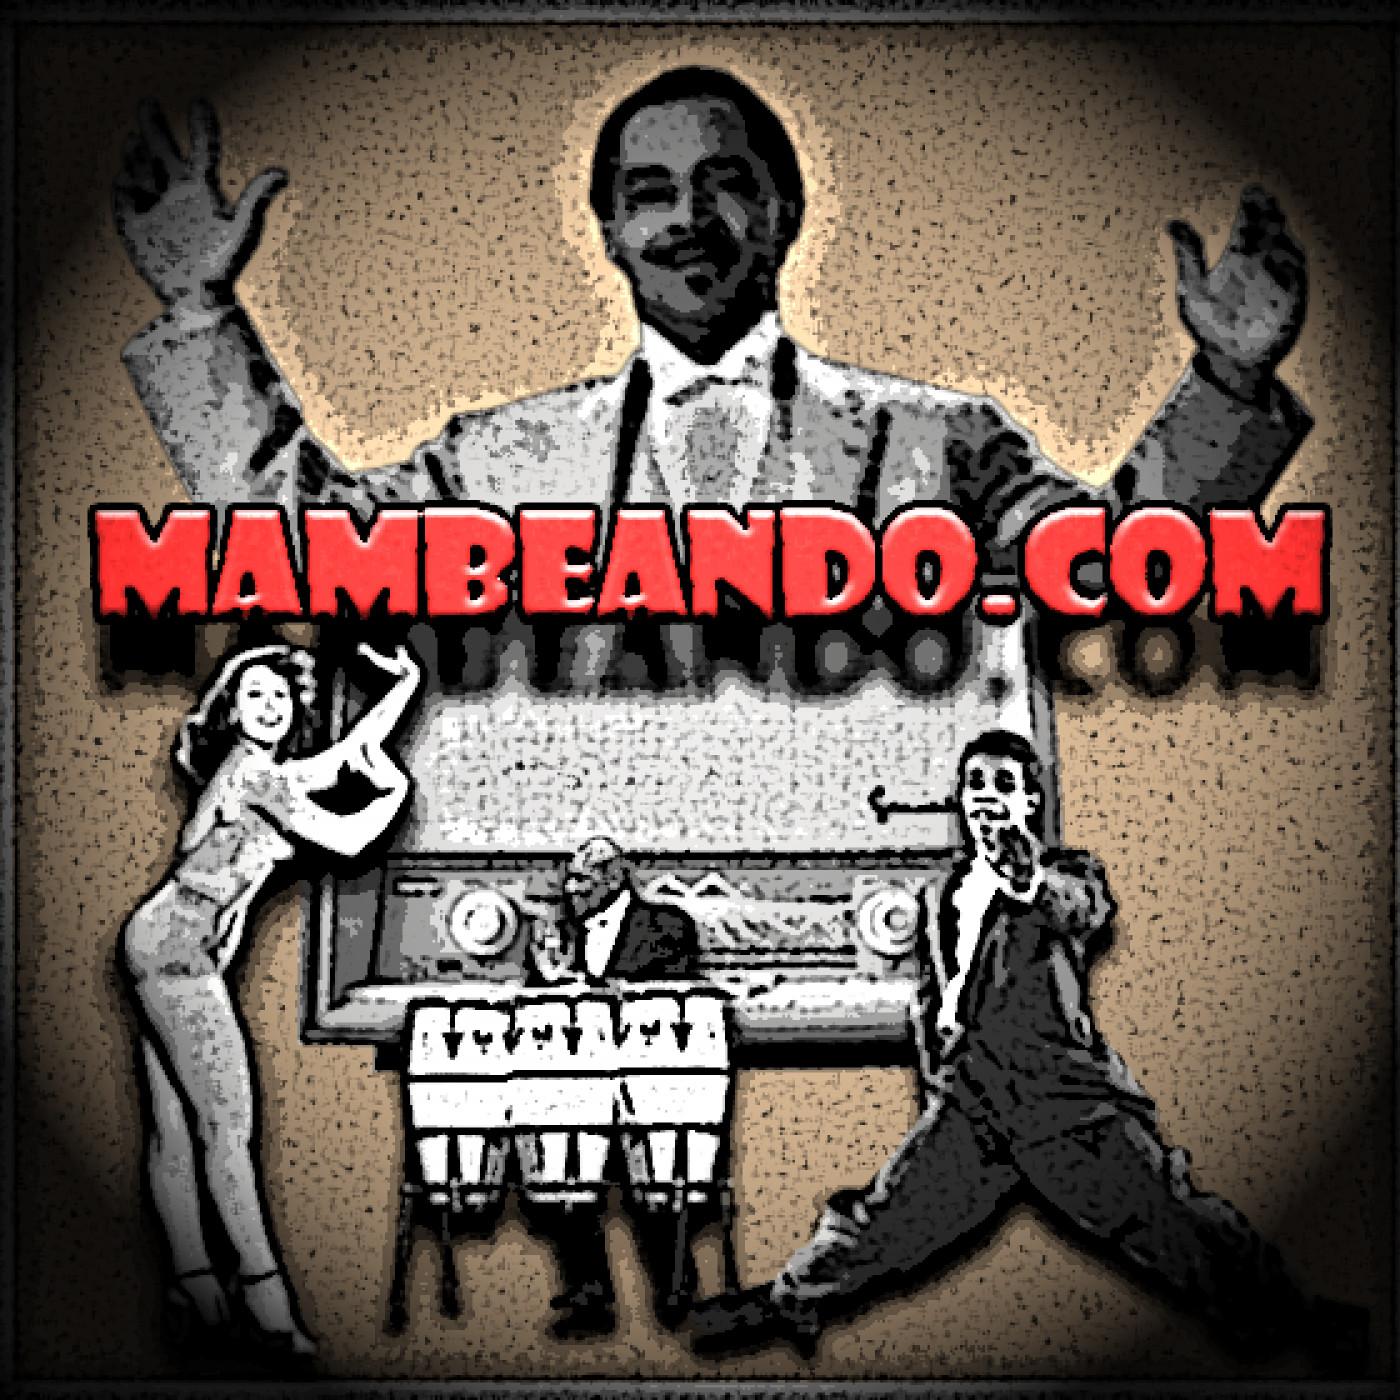 <![CDATA[Mambeando.com]]>